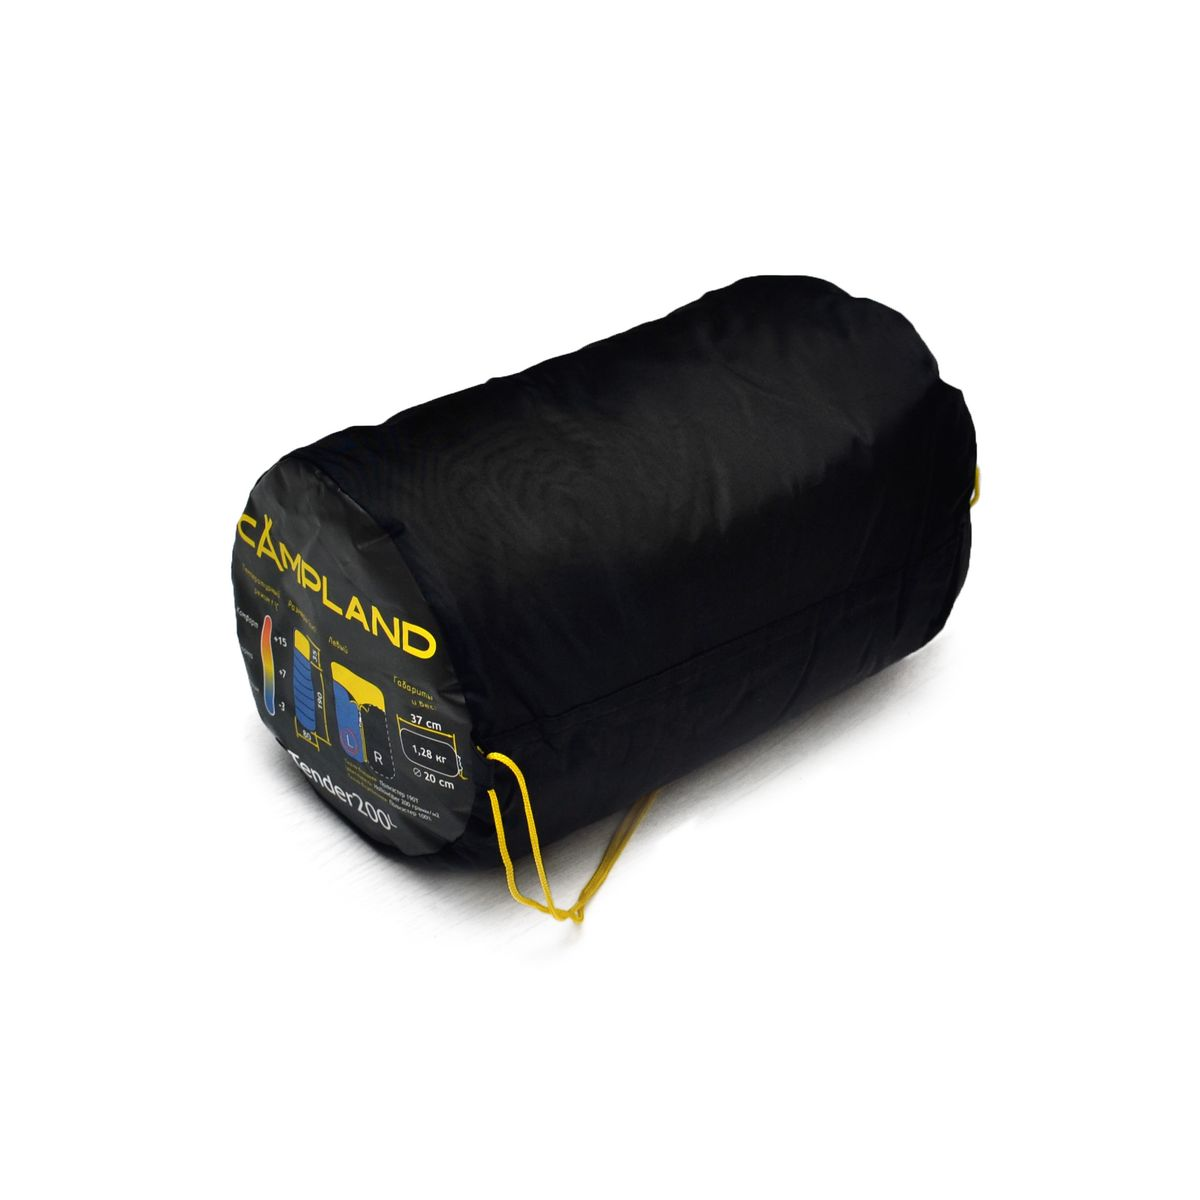 Спальный мешок-одеяло Campland Tender 200 R, правосторонняя молния, 190 см х 80 смTender 200Комфортный спальник-одеяло имеет прямоугольную форму и одинаковую ширину как вверху, так и внизу, благодаря чему ноги чувствуют себя более свободно. Молния располагается на боковой стороне, благодаря чему при ее расстегивании спальник превращается в довольно большое одеяло.Наполнитель: Hollowfibre, 200 г/м2.Внешний материал: Полиэстер 190Т.Внутренний материал: 100% полиэстер.